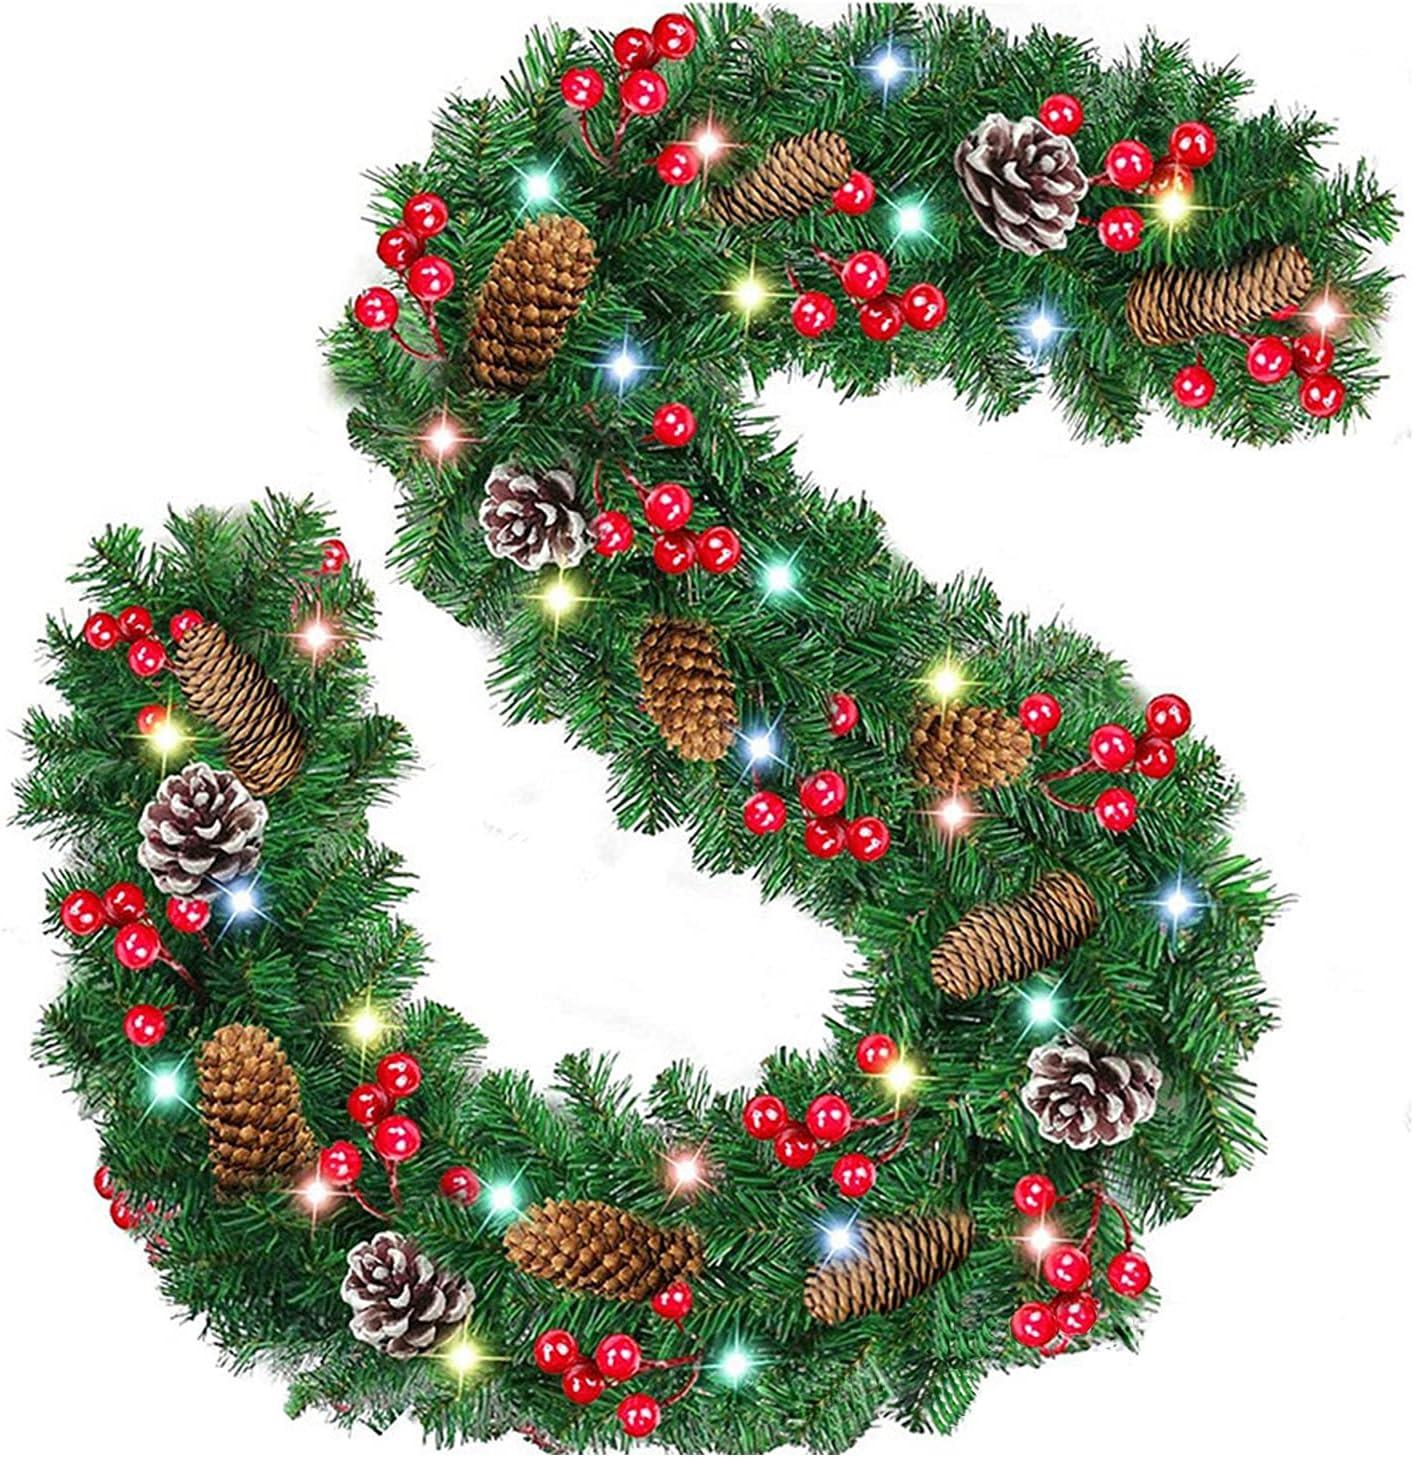 Guirnaldas Luces Interior Habitacion Con Pilas, Guirnalda Navidad Verde Con Luces De Hadas Y Bayas Piñas Bolas, Led Guirnalda Arbol Navidad Decoración Por Chimeneas Escaleras Puerta Exterior (A)